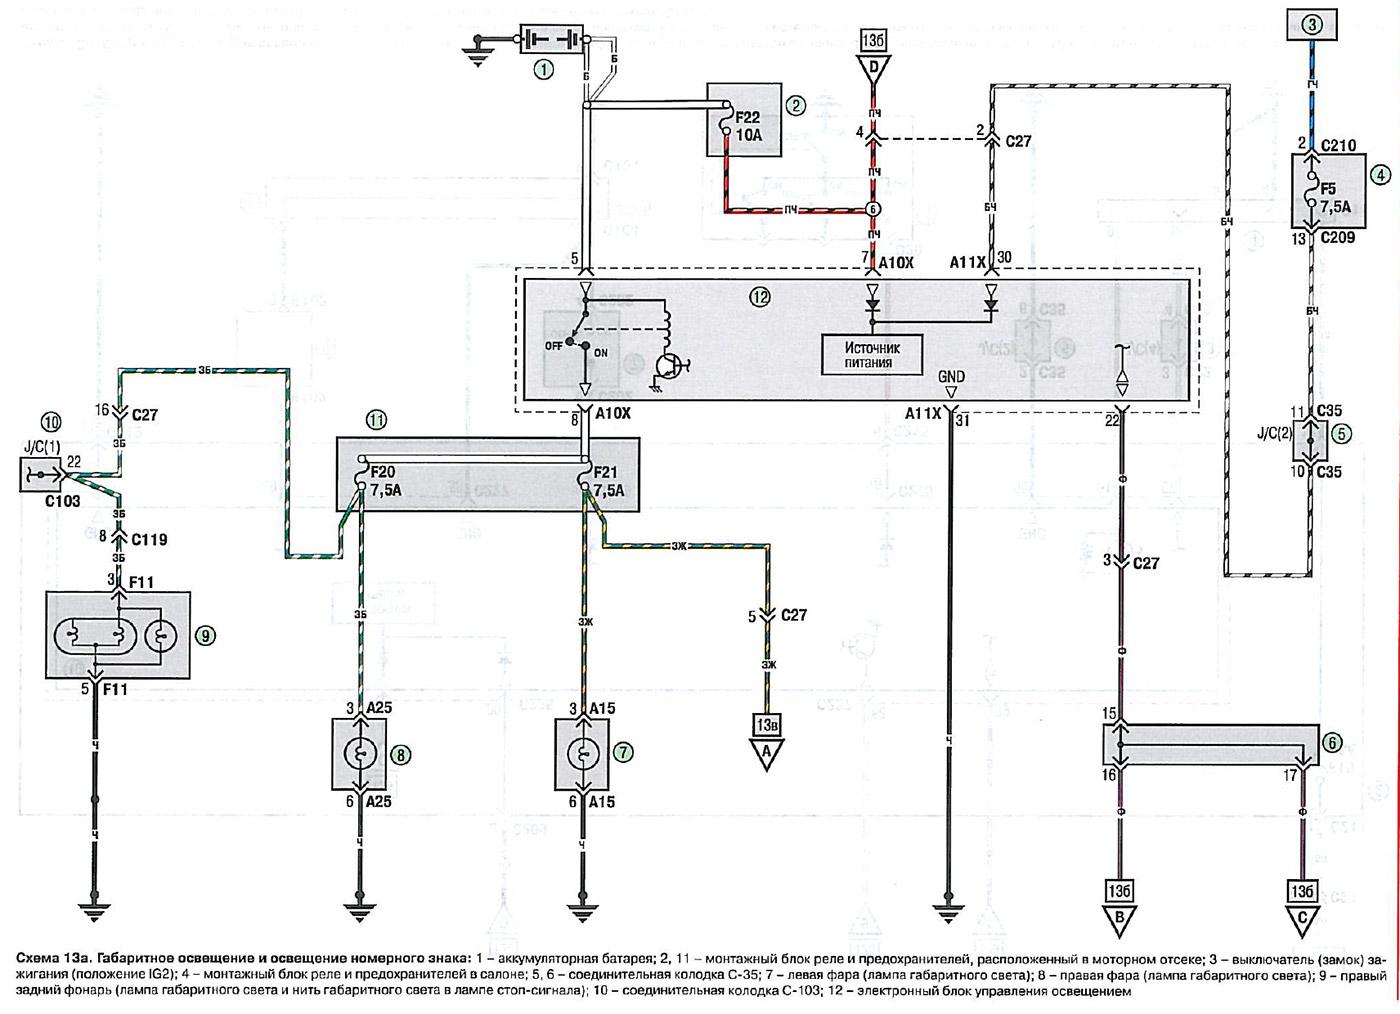 Принципиальная электрическая схема освещения фото 5